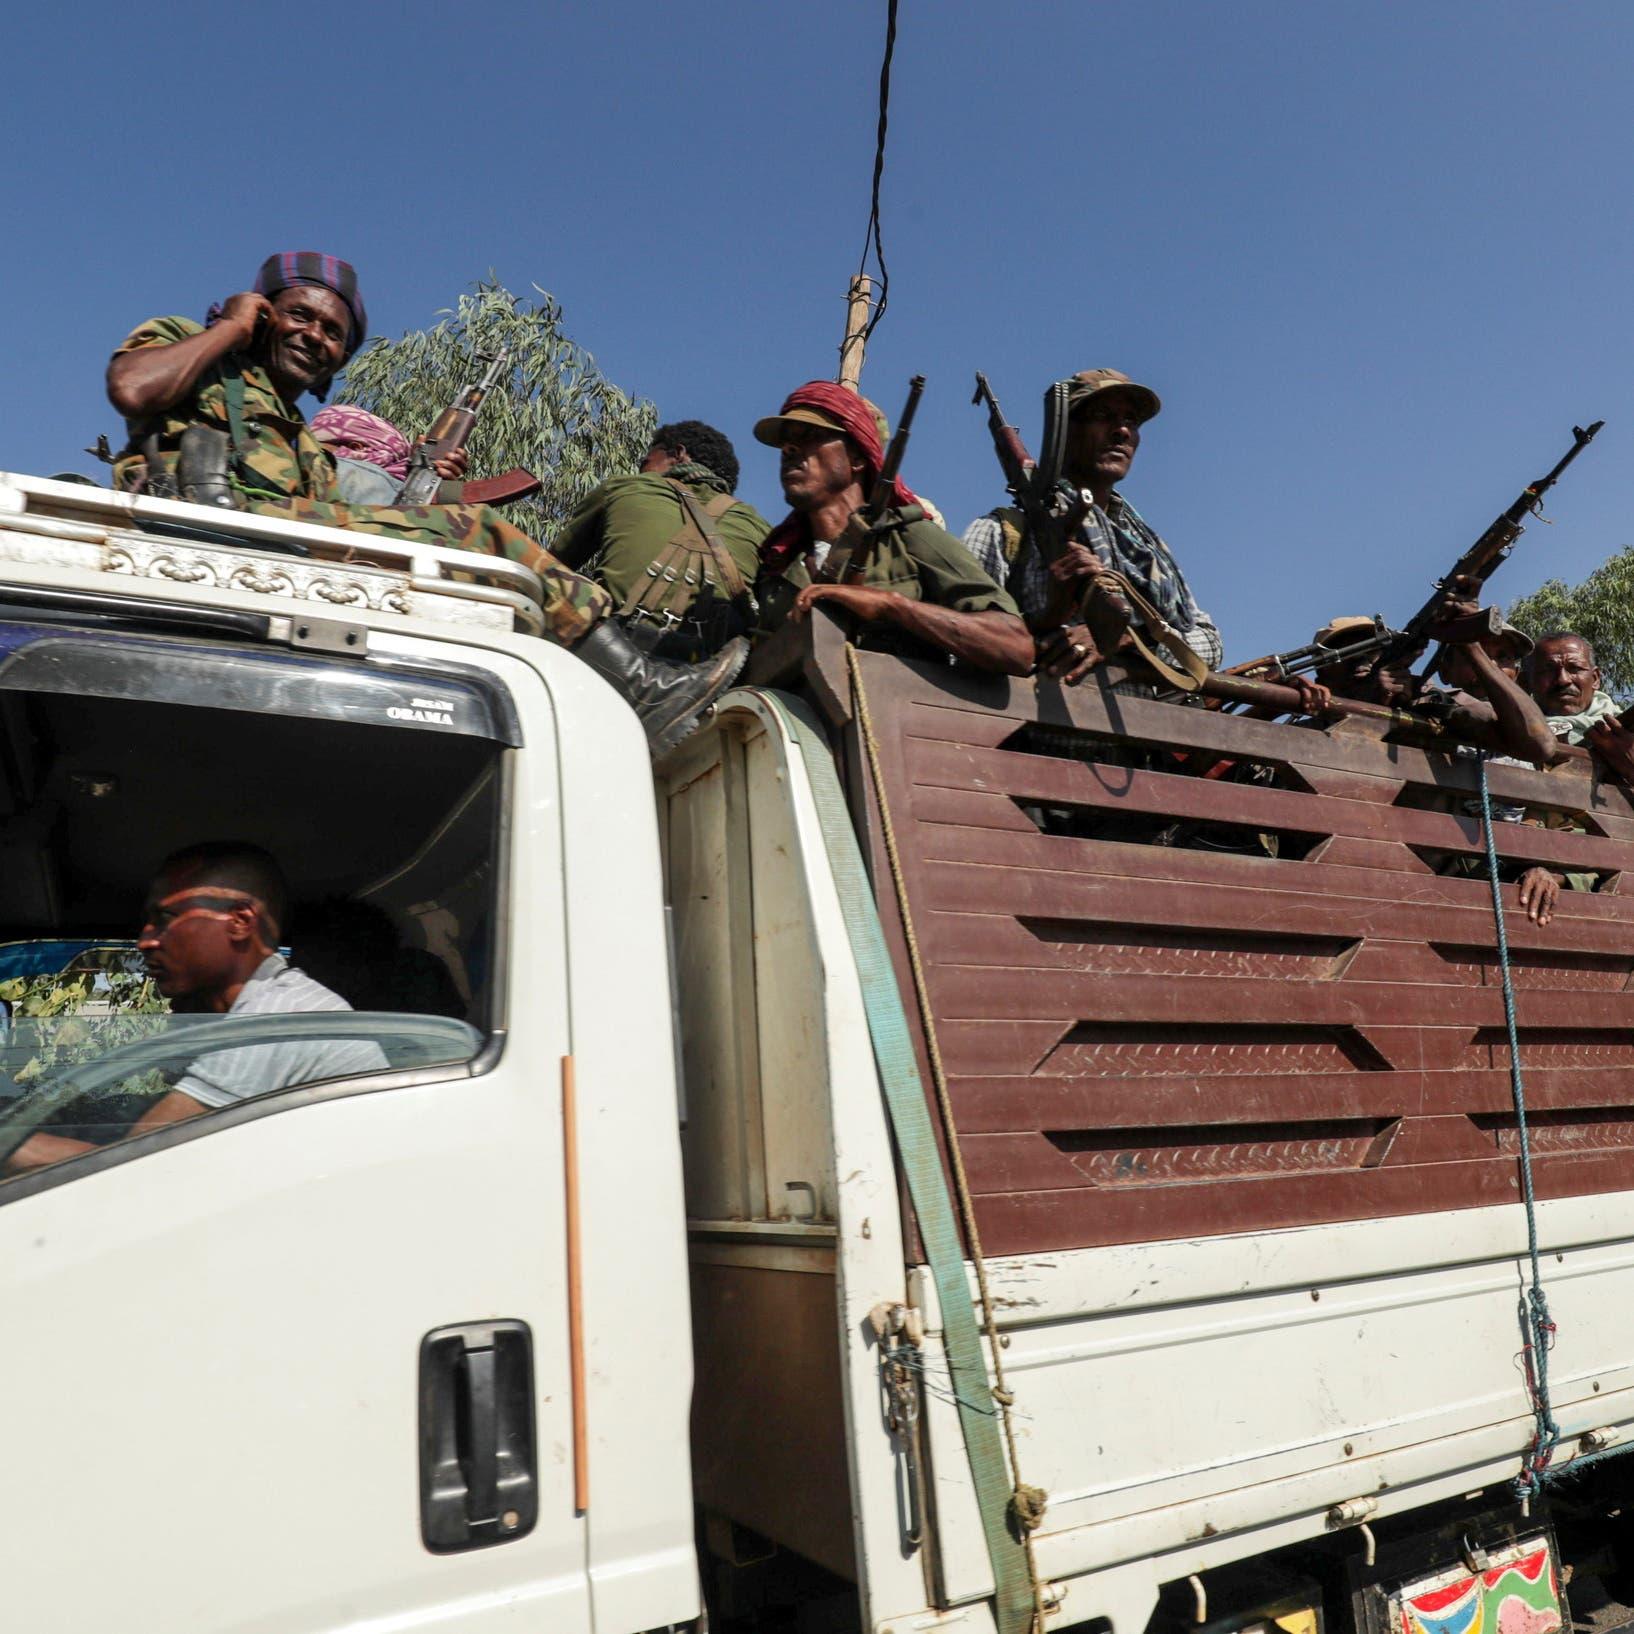 شبح صراع دامٍ.. معلومات عن قوات تيغراي في إثيوبيا